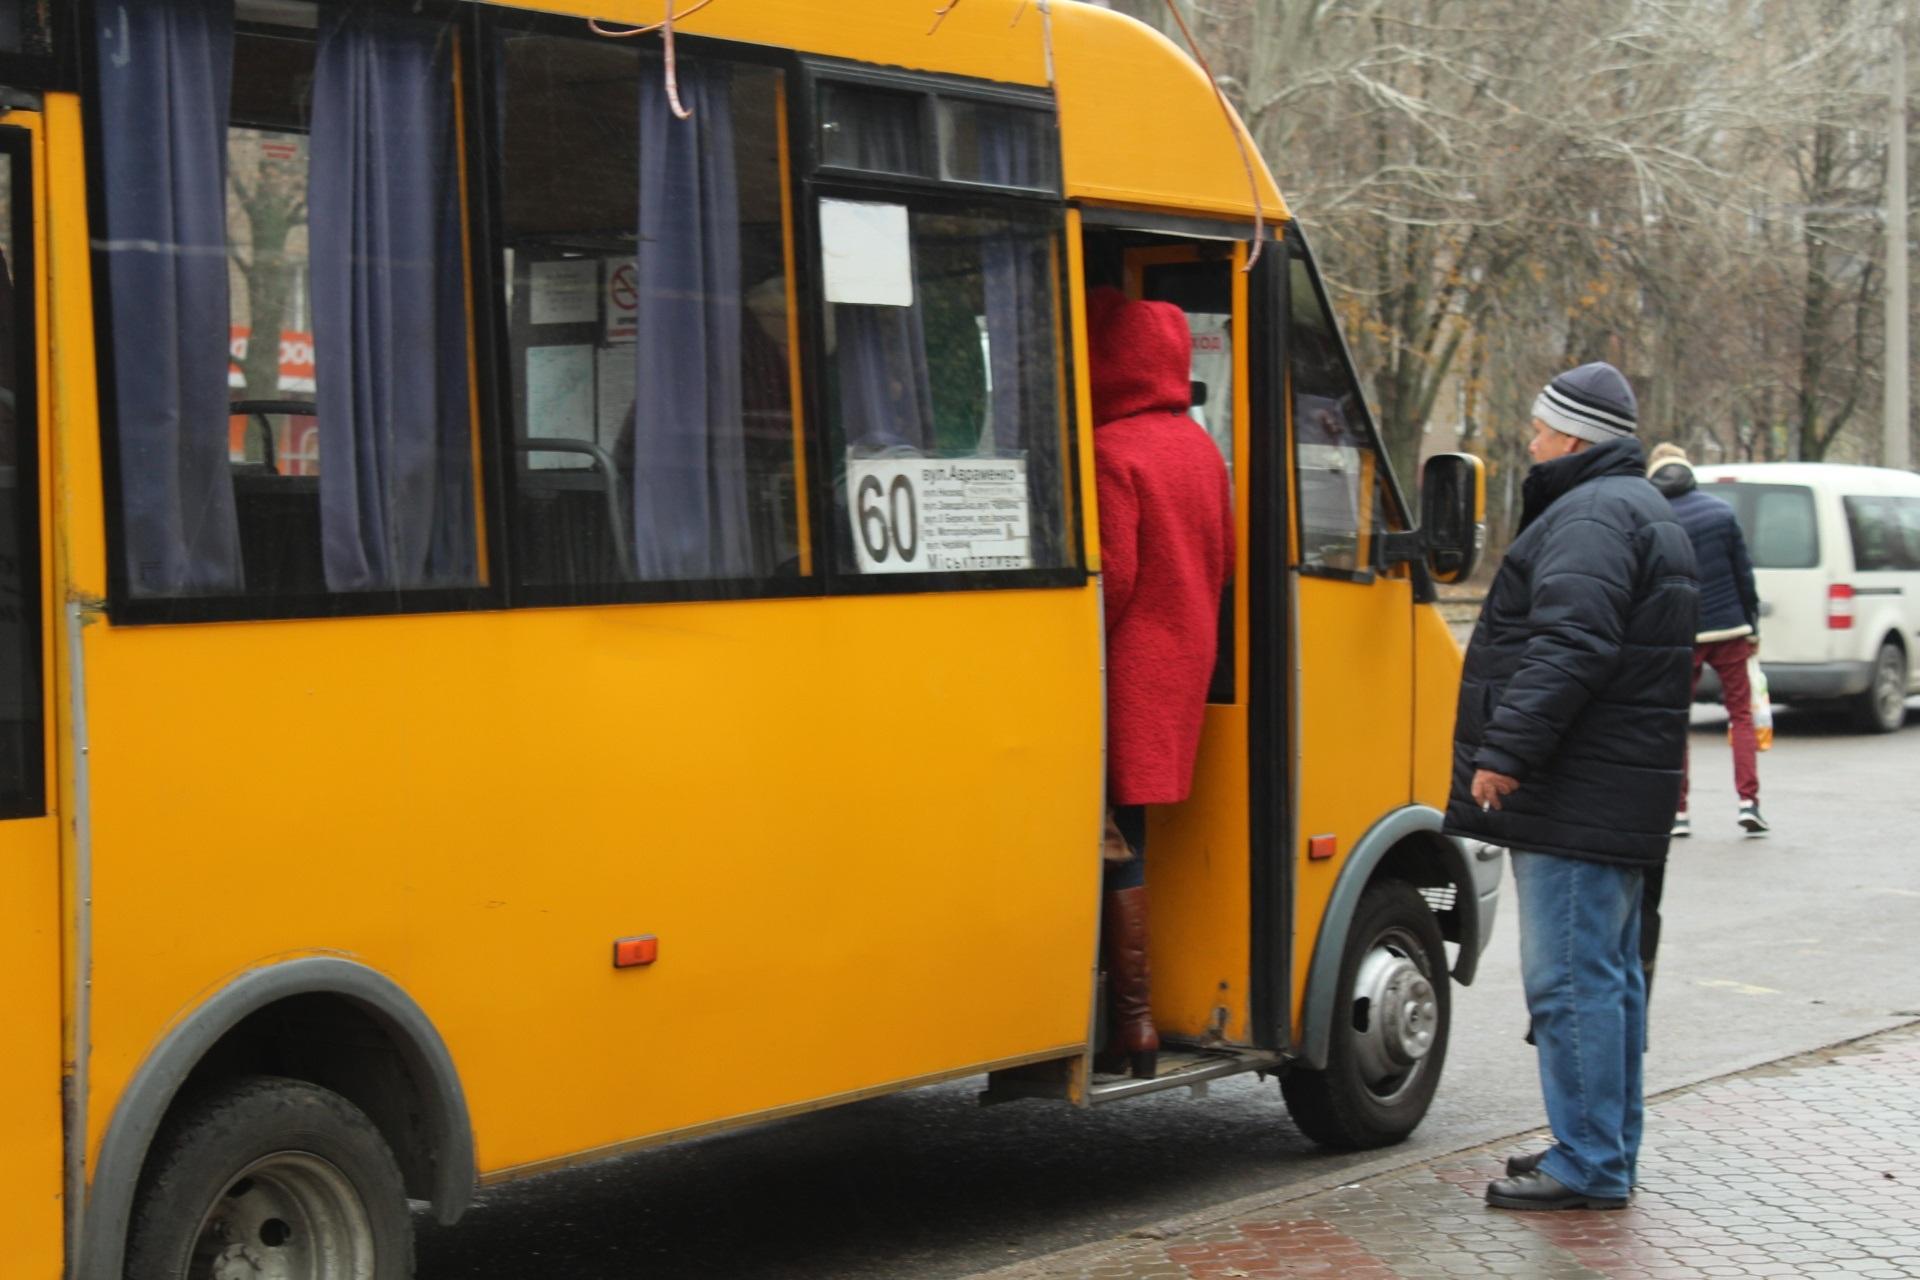 В Запорожье группа, проверяющая маршрутки, нашла лишь одно сломанное сидение